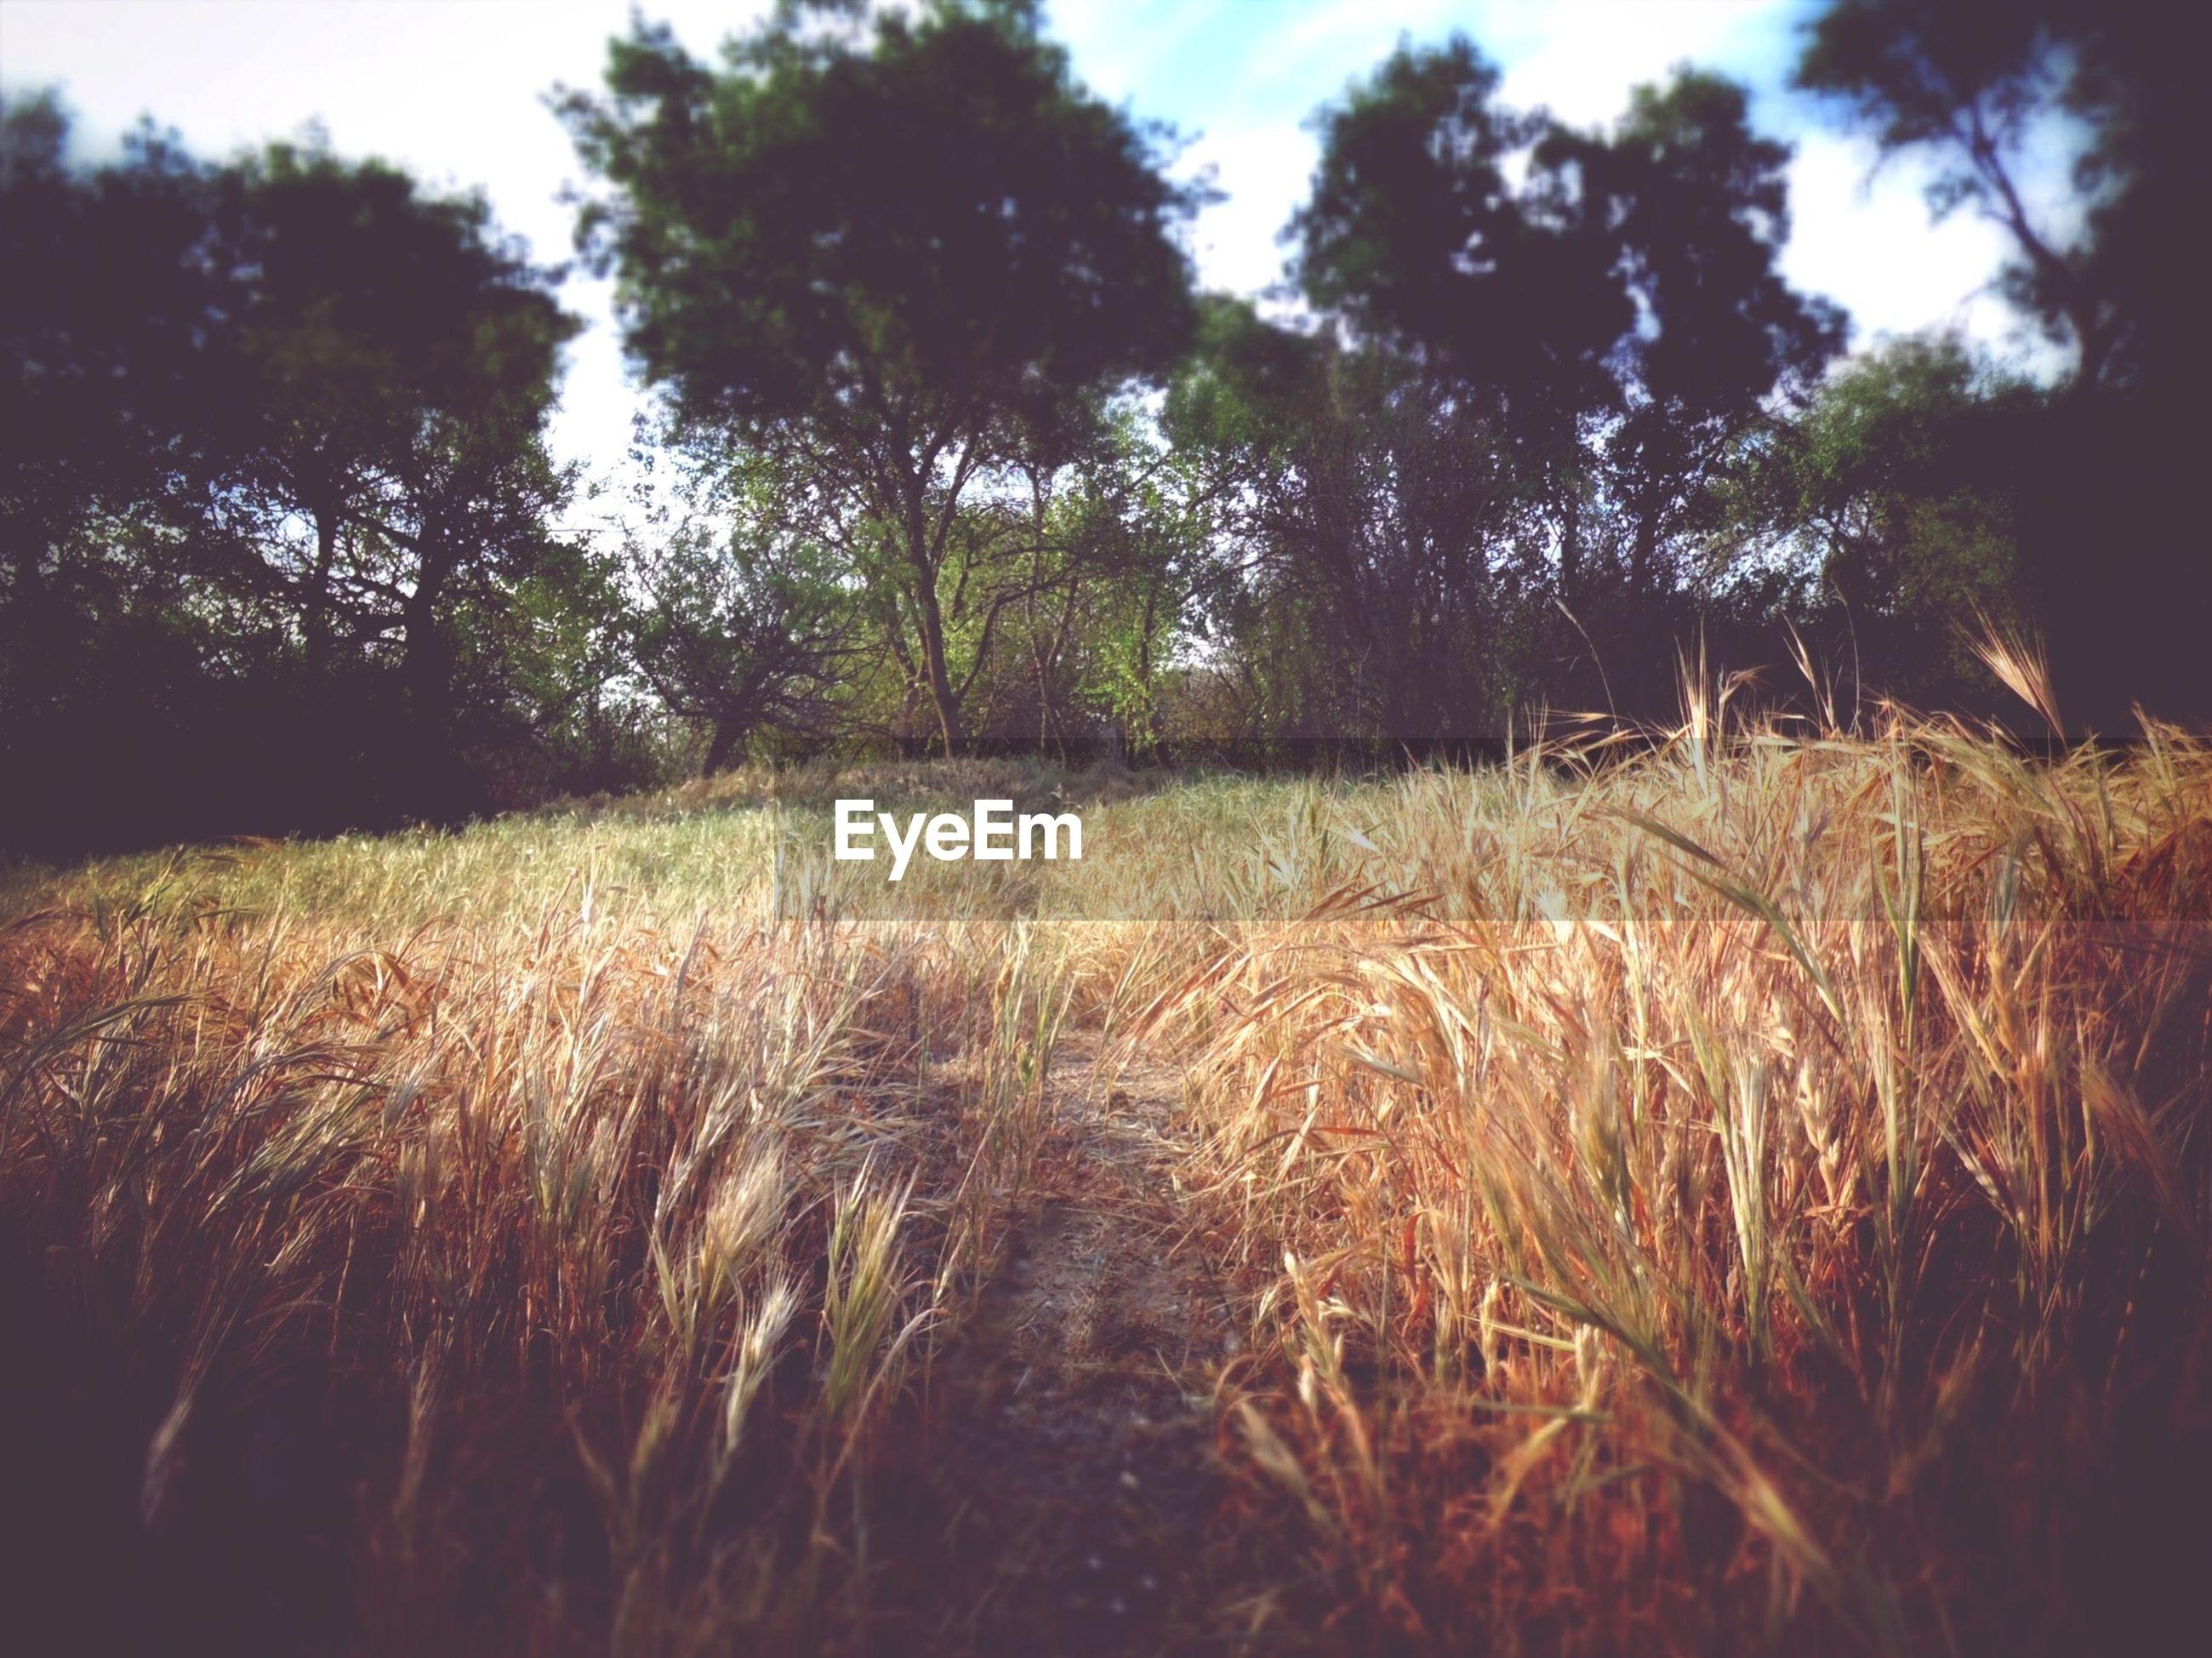 Trees growing in grass field